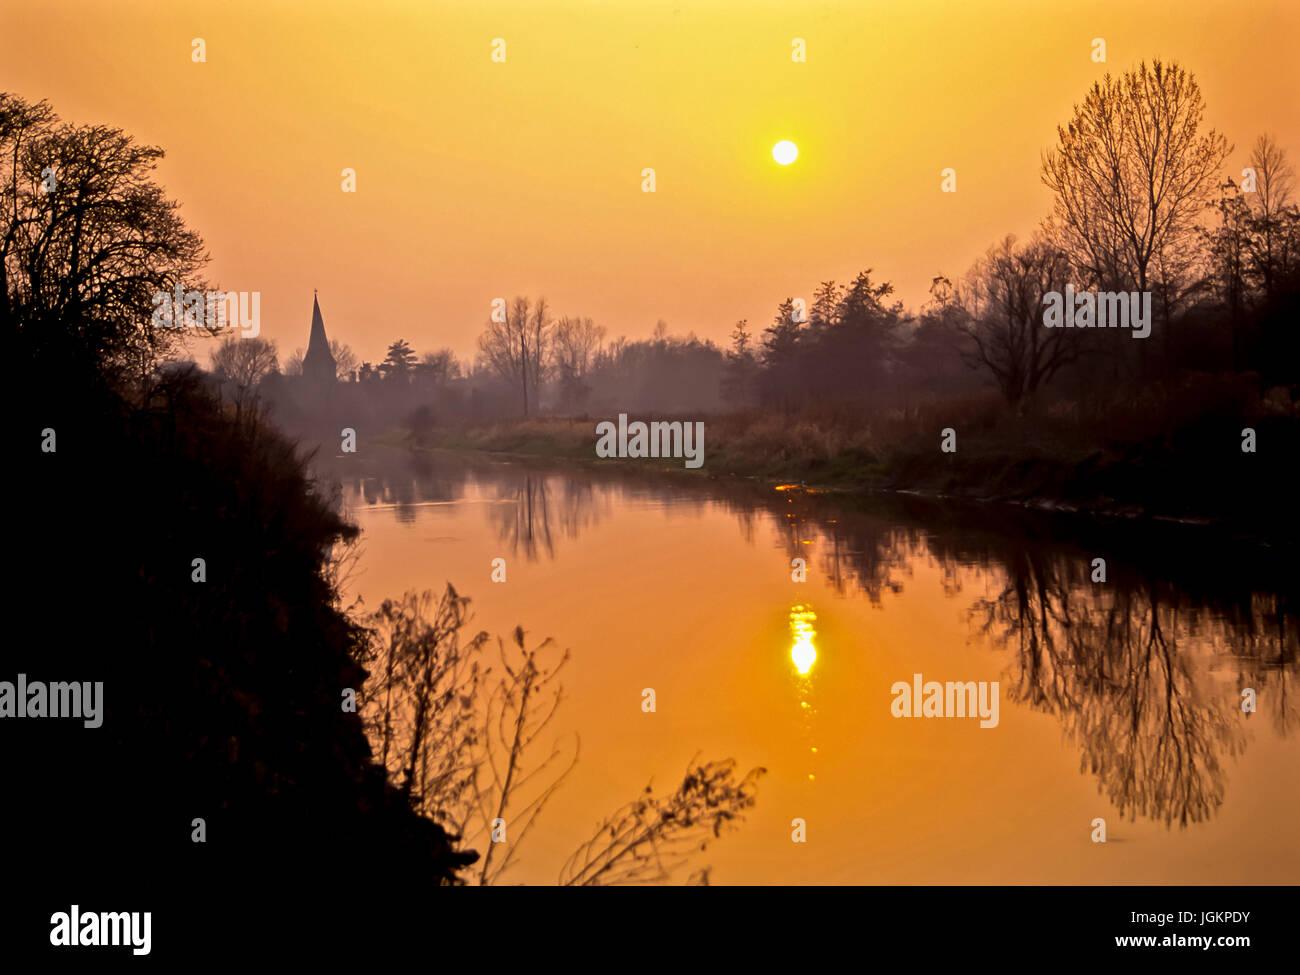 RS 0480. Hintergründe; Farben; Farben; Anzeige; Sonnenuntergang über Fordwich & R Stour, Kent, UK Stockbild